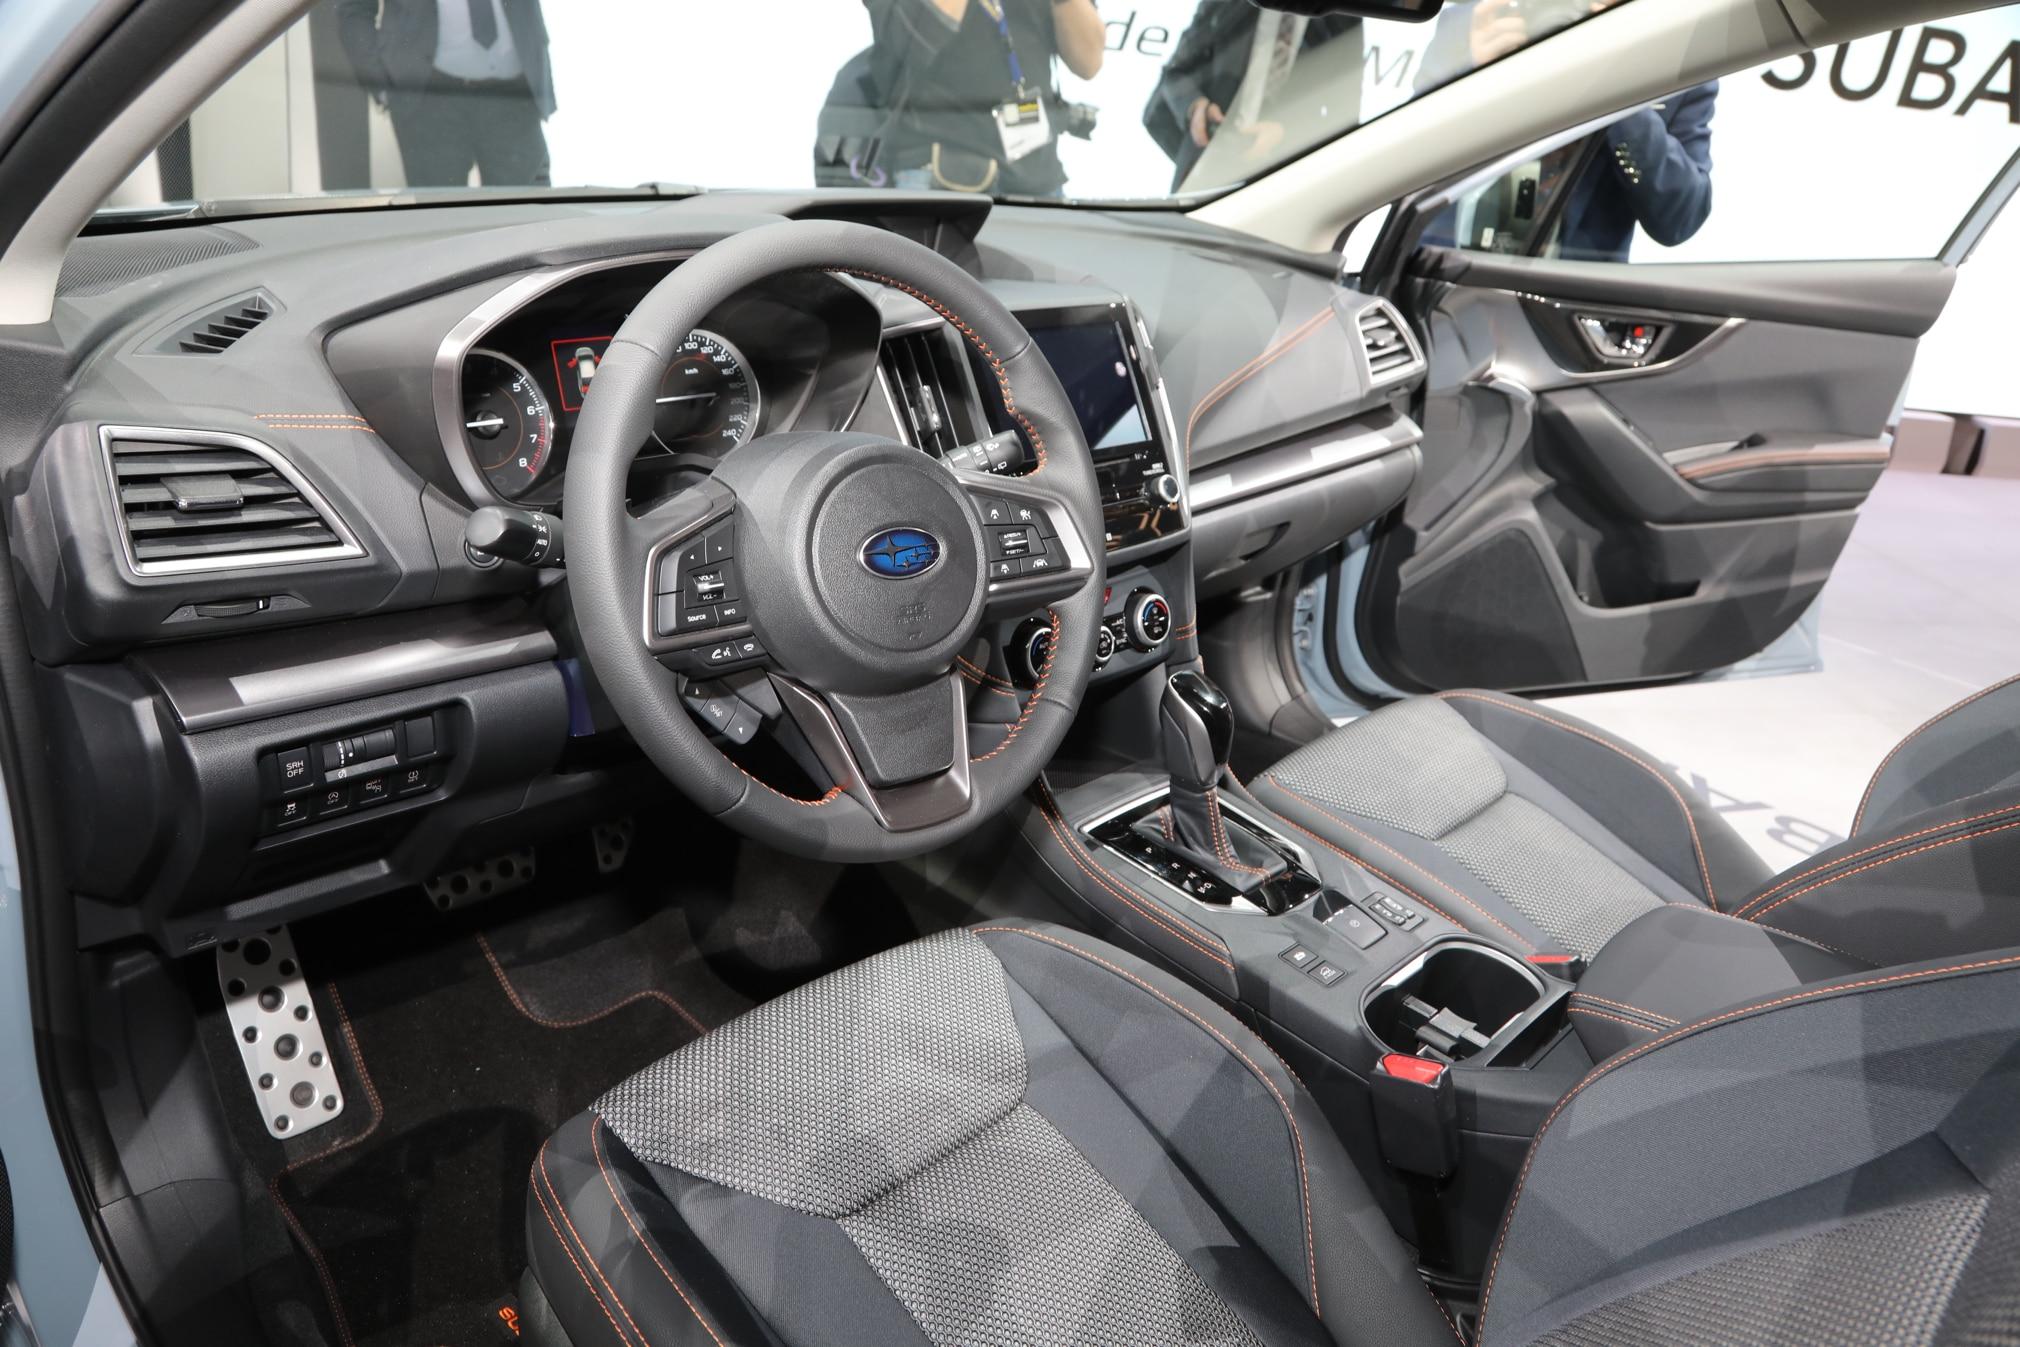 2018 Subaru Crosstrek Euro Spec Interior 7 Marzo 2017 Miguel Cortina